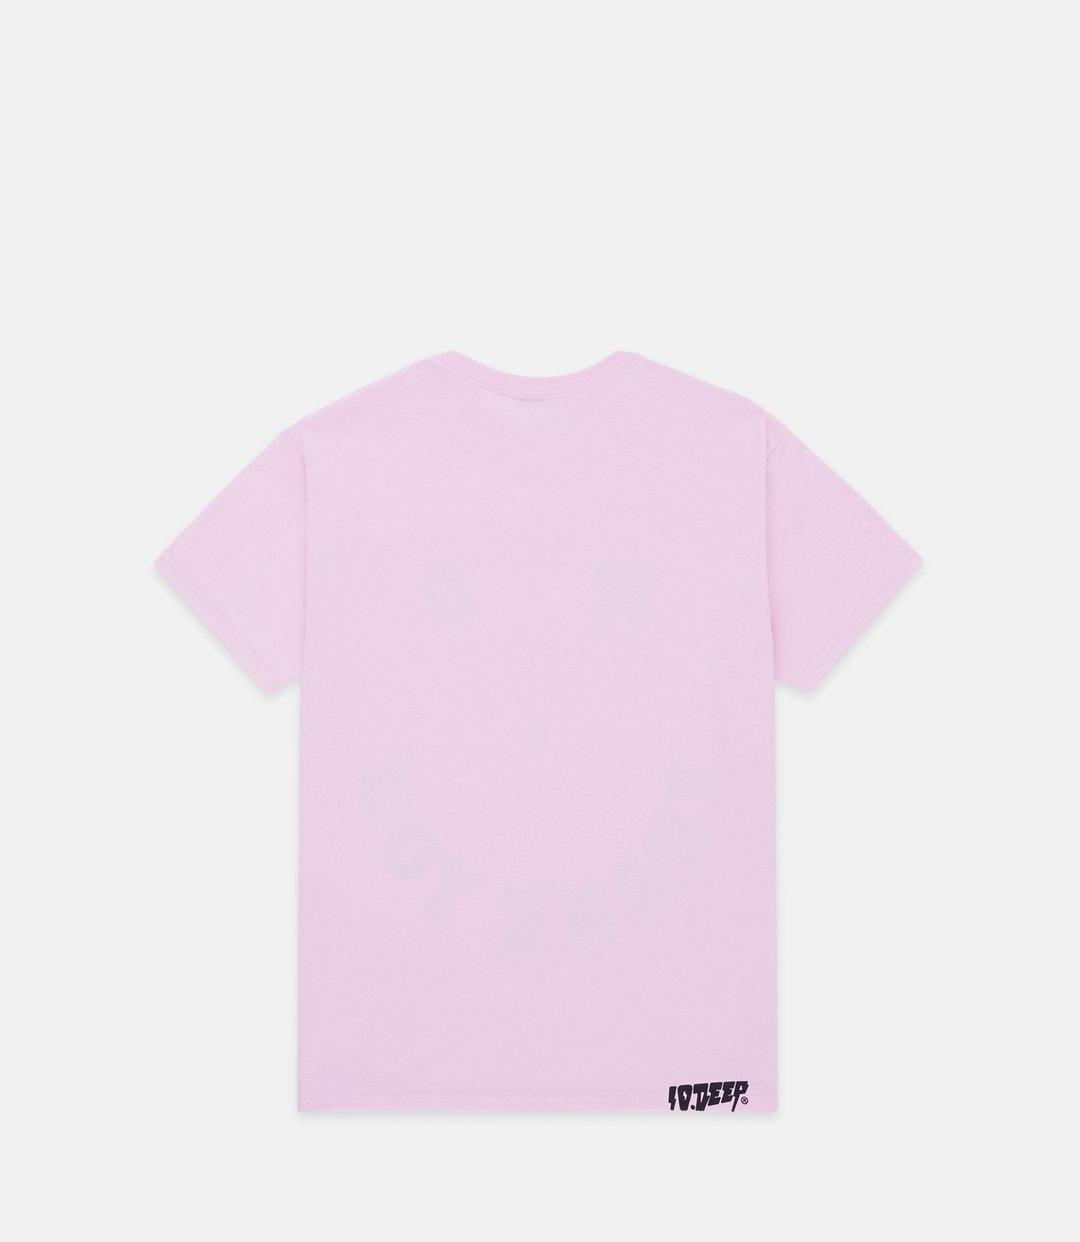 10 Deep 10 Deep I'm Good Tee Pink